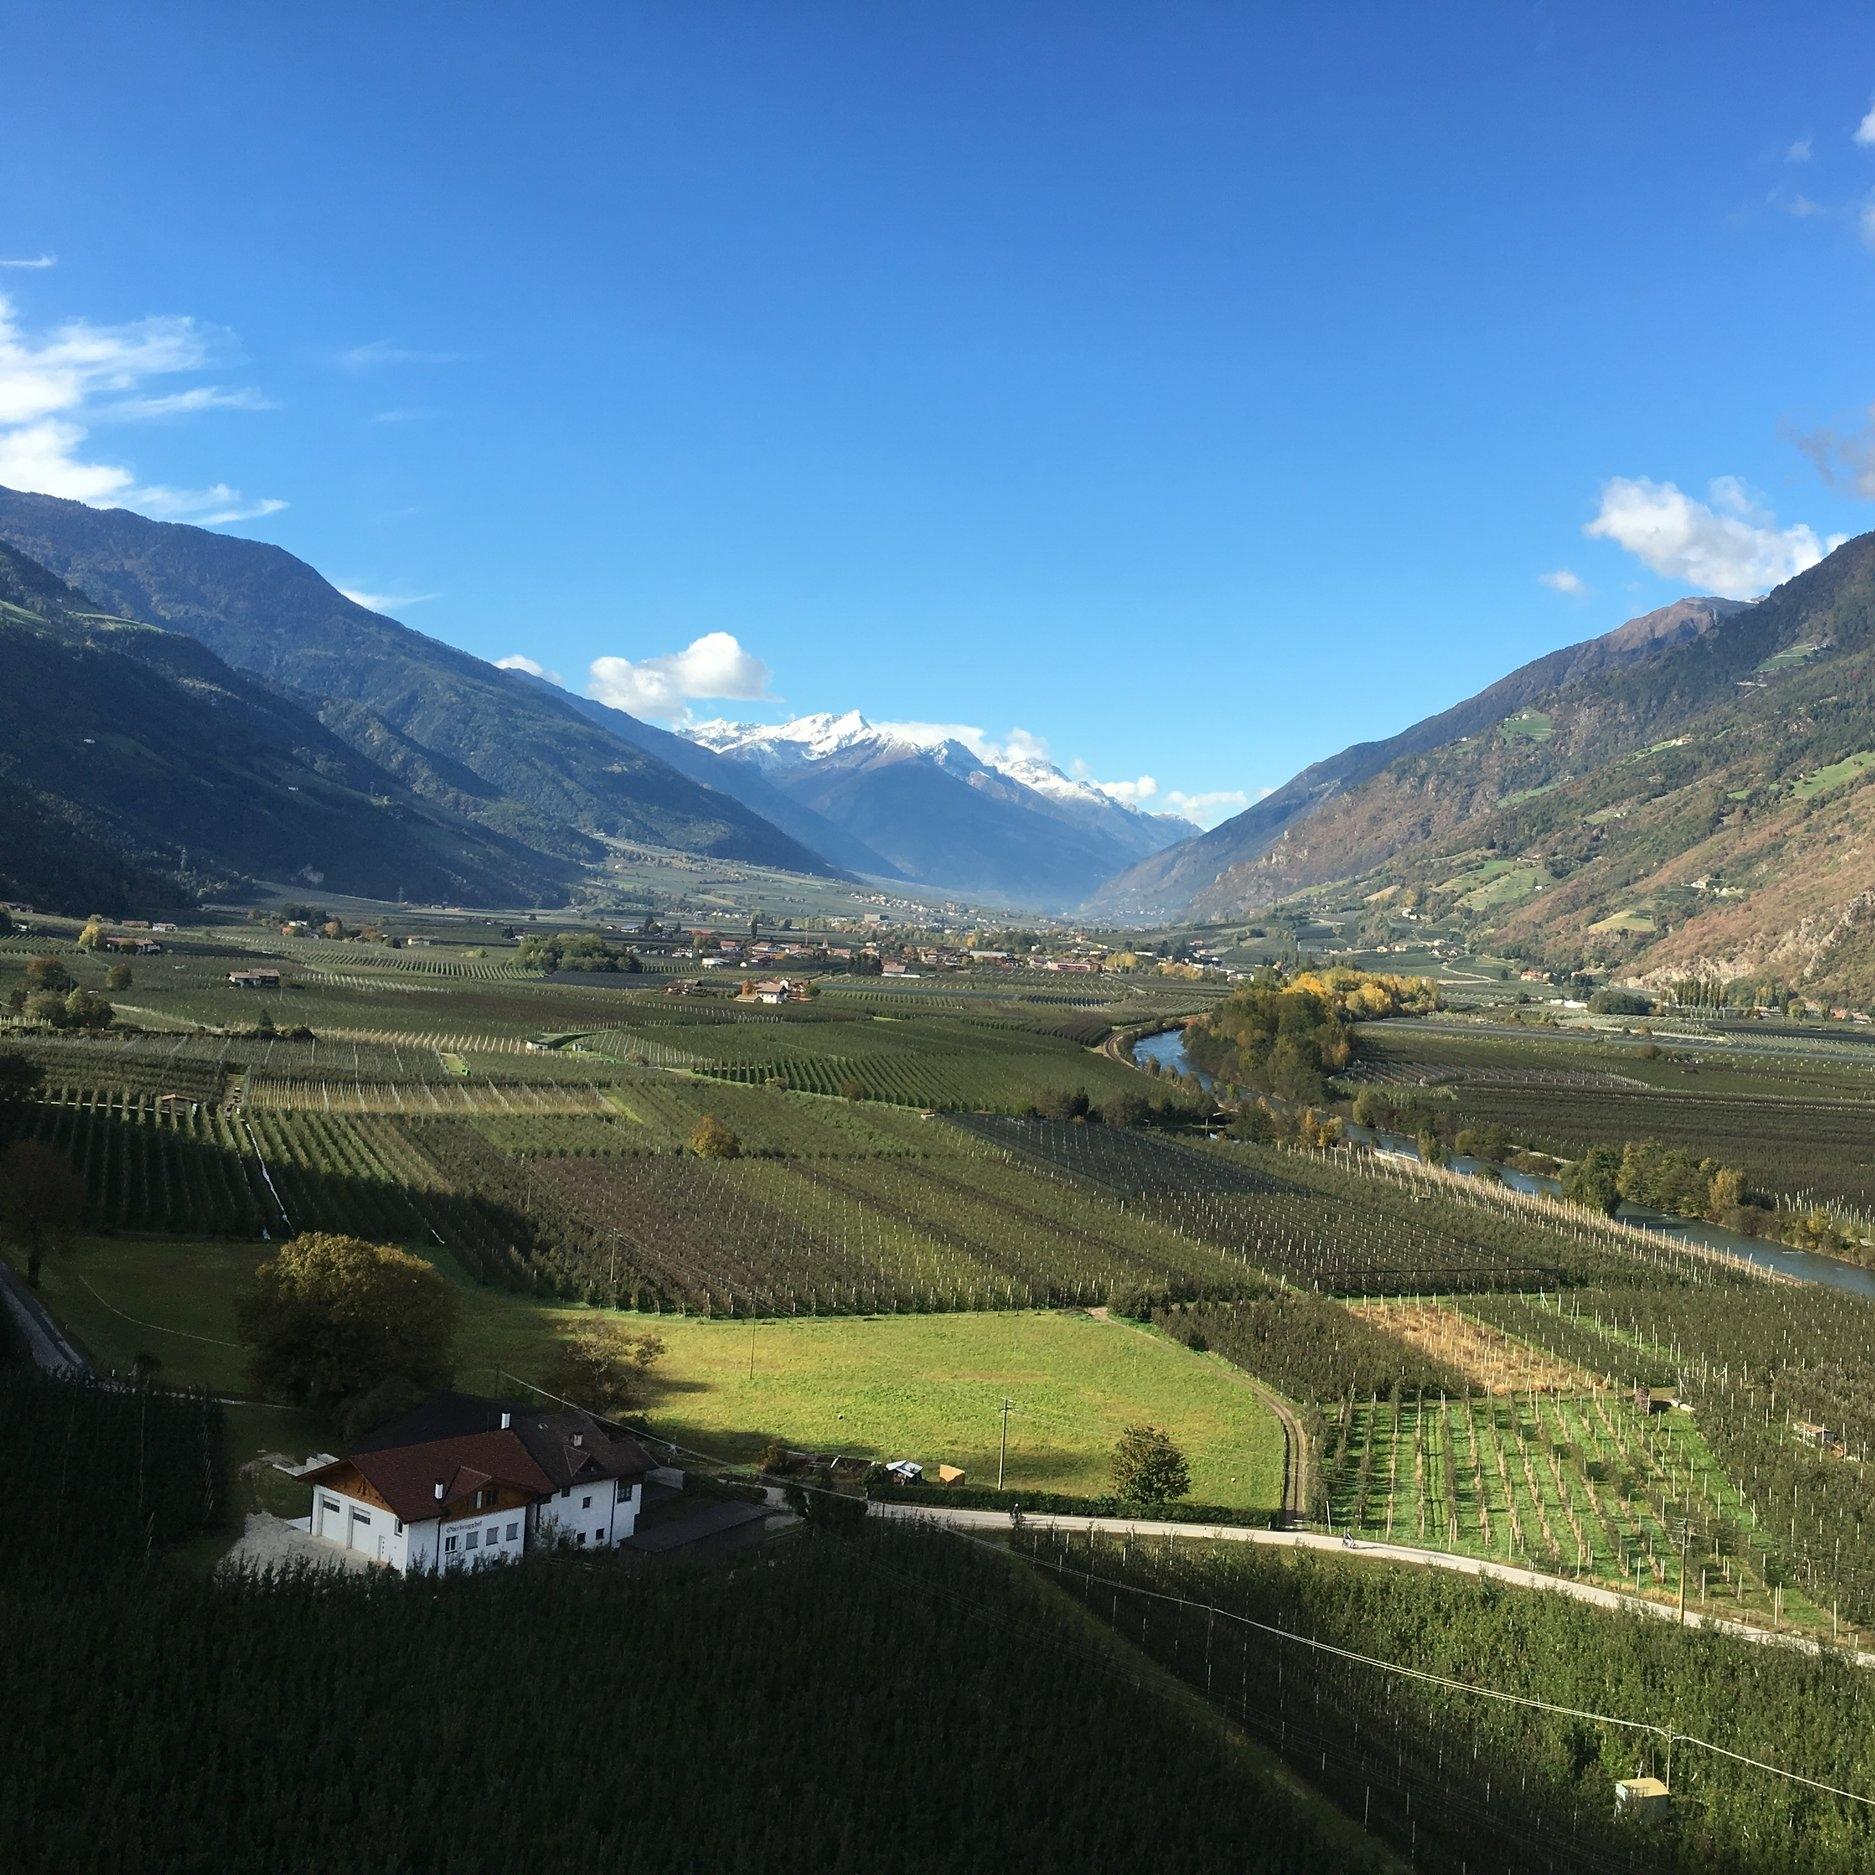 El valle Venosta tiene un microclima especial que provee sobre 300 días de sol al año y permite que sus manzanas maduren lentamente, lo que las hace más jugosas. Es impresionante ver la cantidad de árboles que hay y como las granjas cubren todo el valle; nosotros lo apodamos el valle de la manzanas. Foto: Bruny Nieves